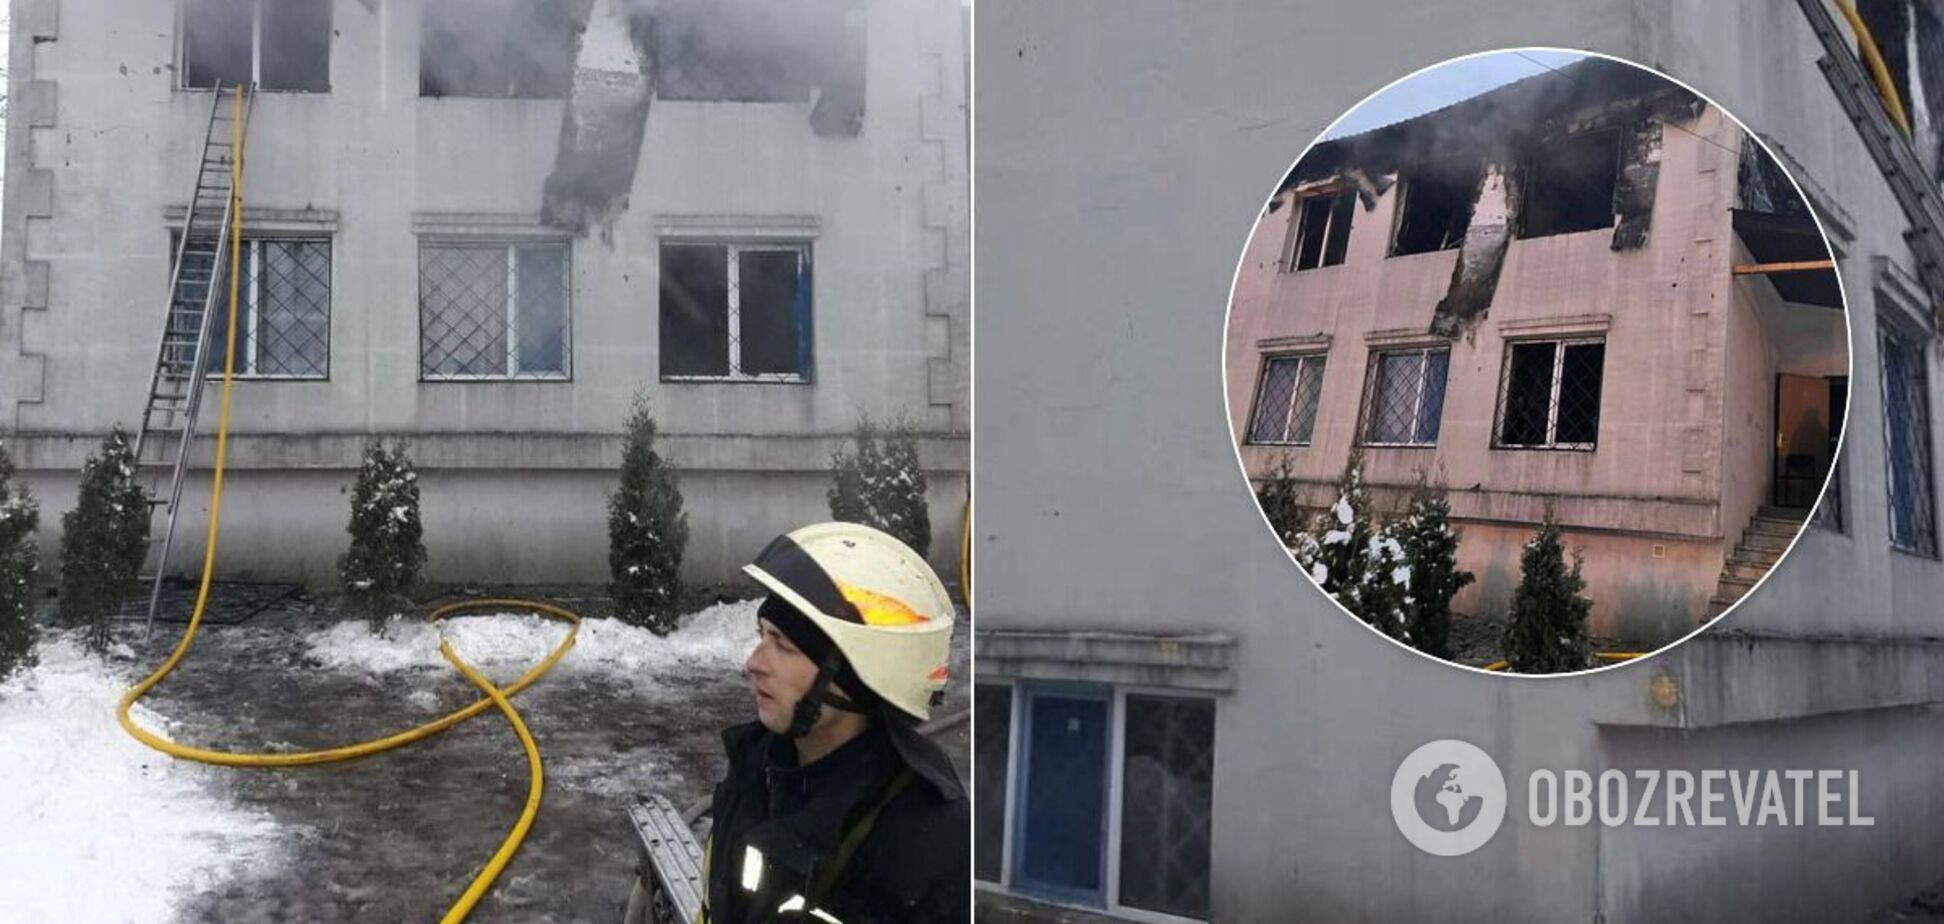 Смертельна пожежа знищила нелегальний будинок для літніх людей: фото та відео НП у Харкові